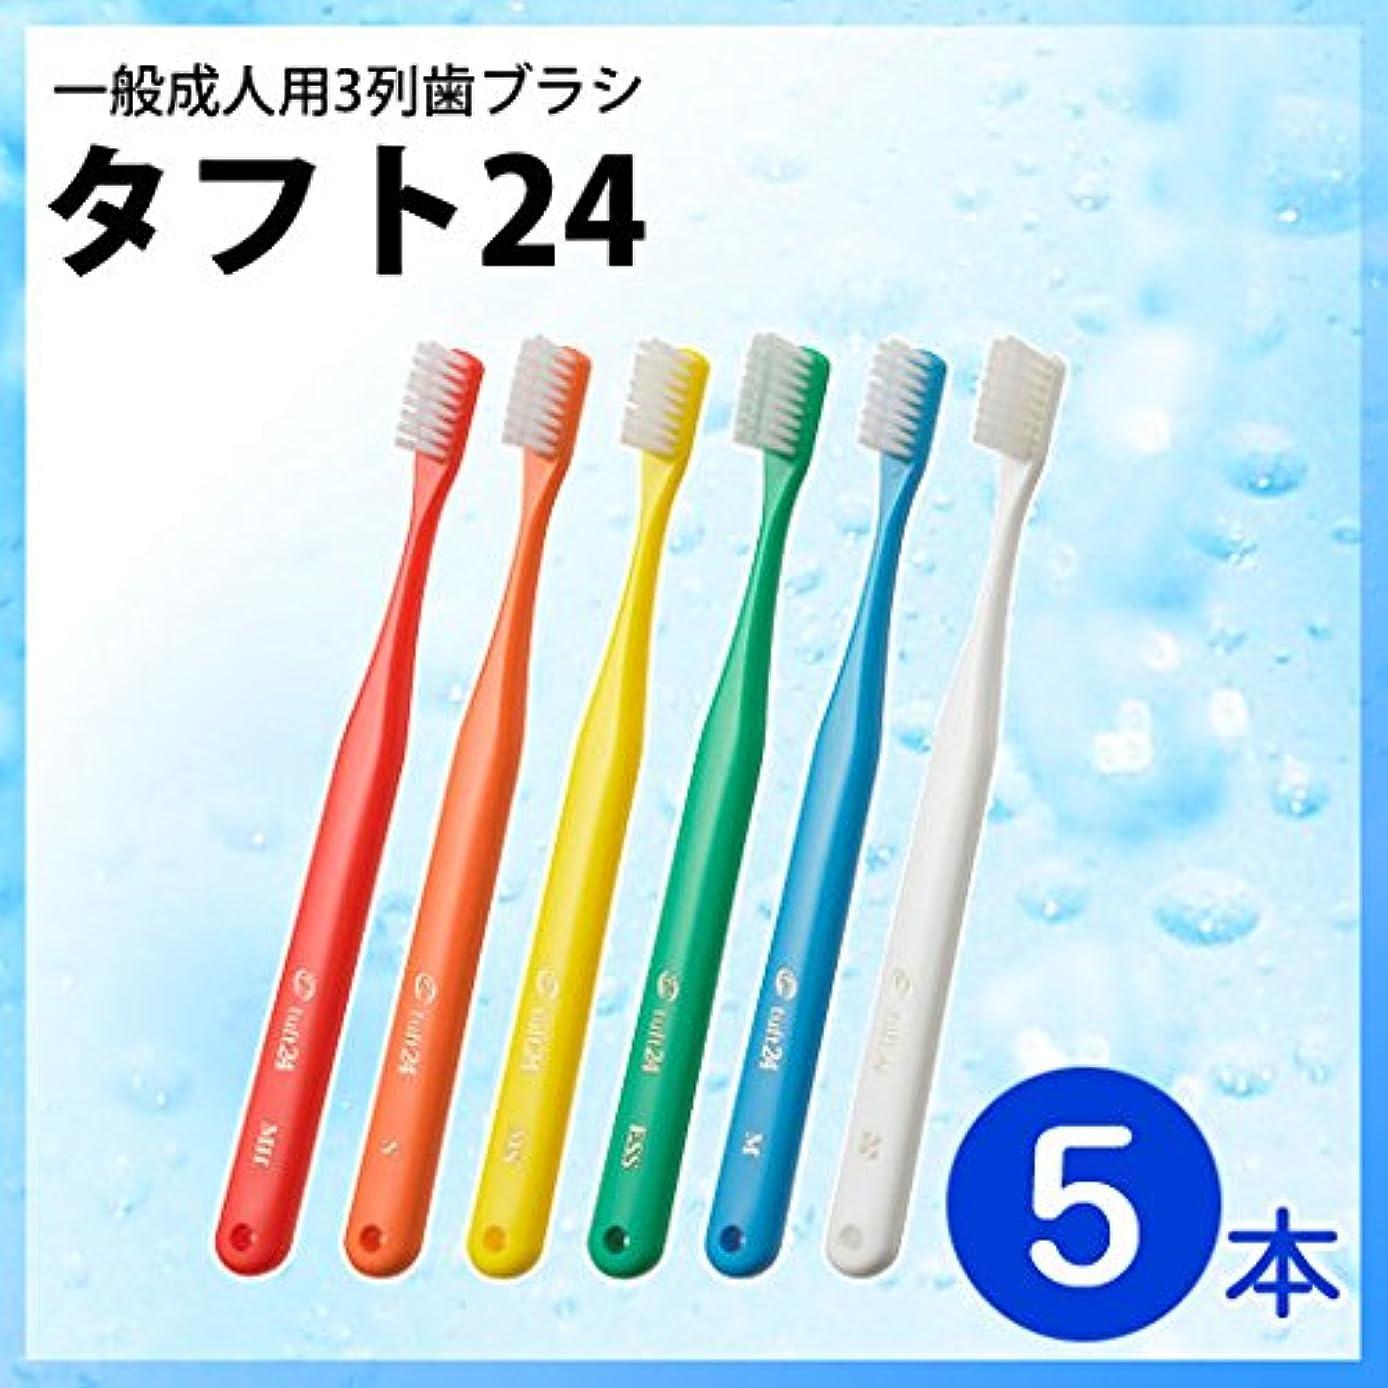 意志裁定無意識タフト24 5本セット オーラルケア 一般成人用 3列歯ブラシ M(ミディアム) ブルー